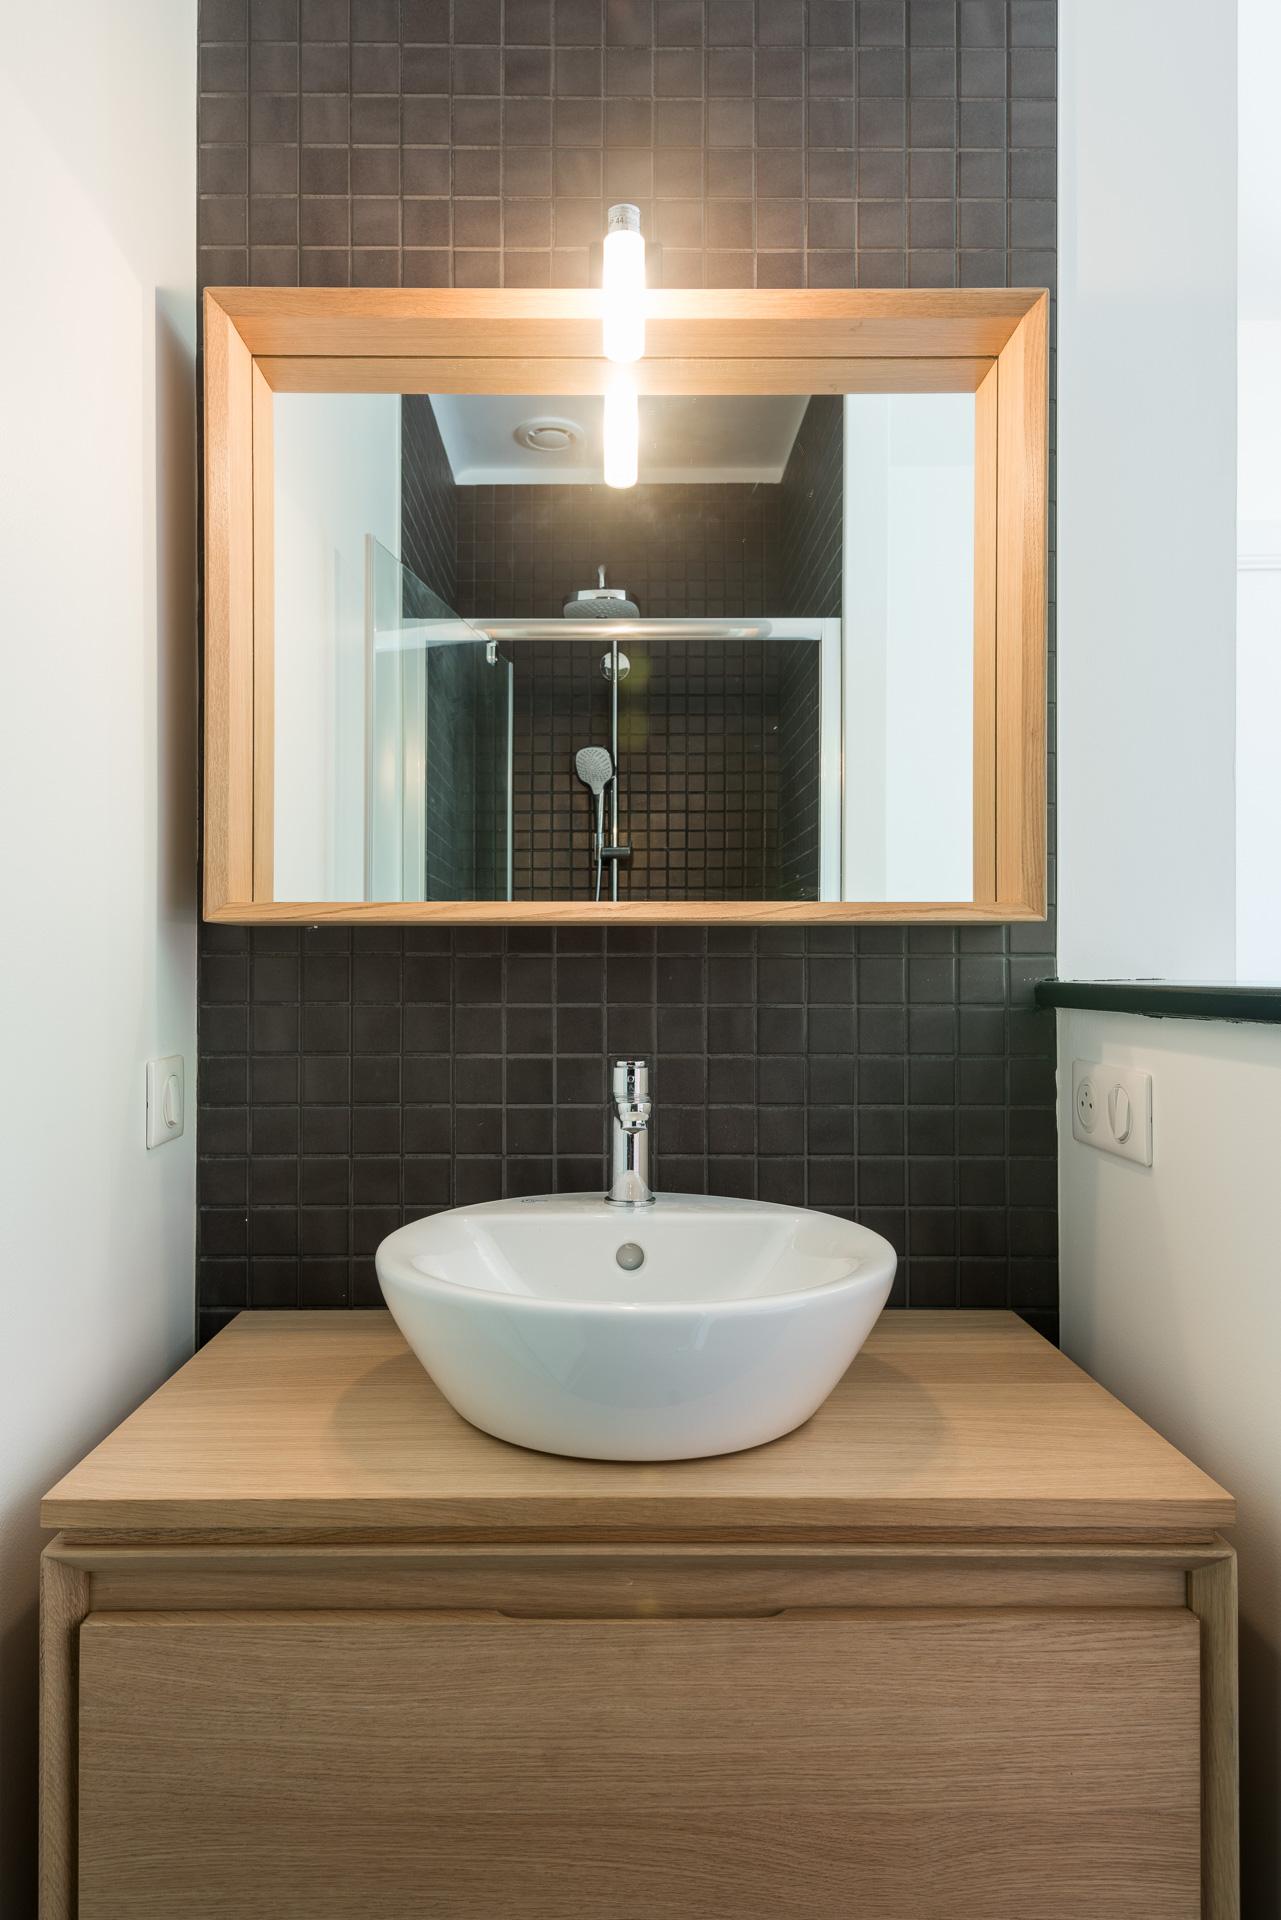 renovation maison la rochelle salle de bain 1 alize chauvet architecte 1920px aliz chauvet. Black Bedroom Furniture Sets. Home Design Ideas